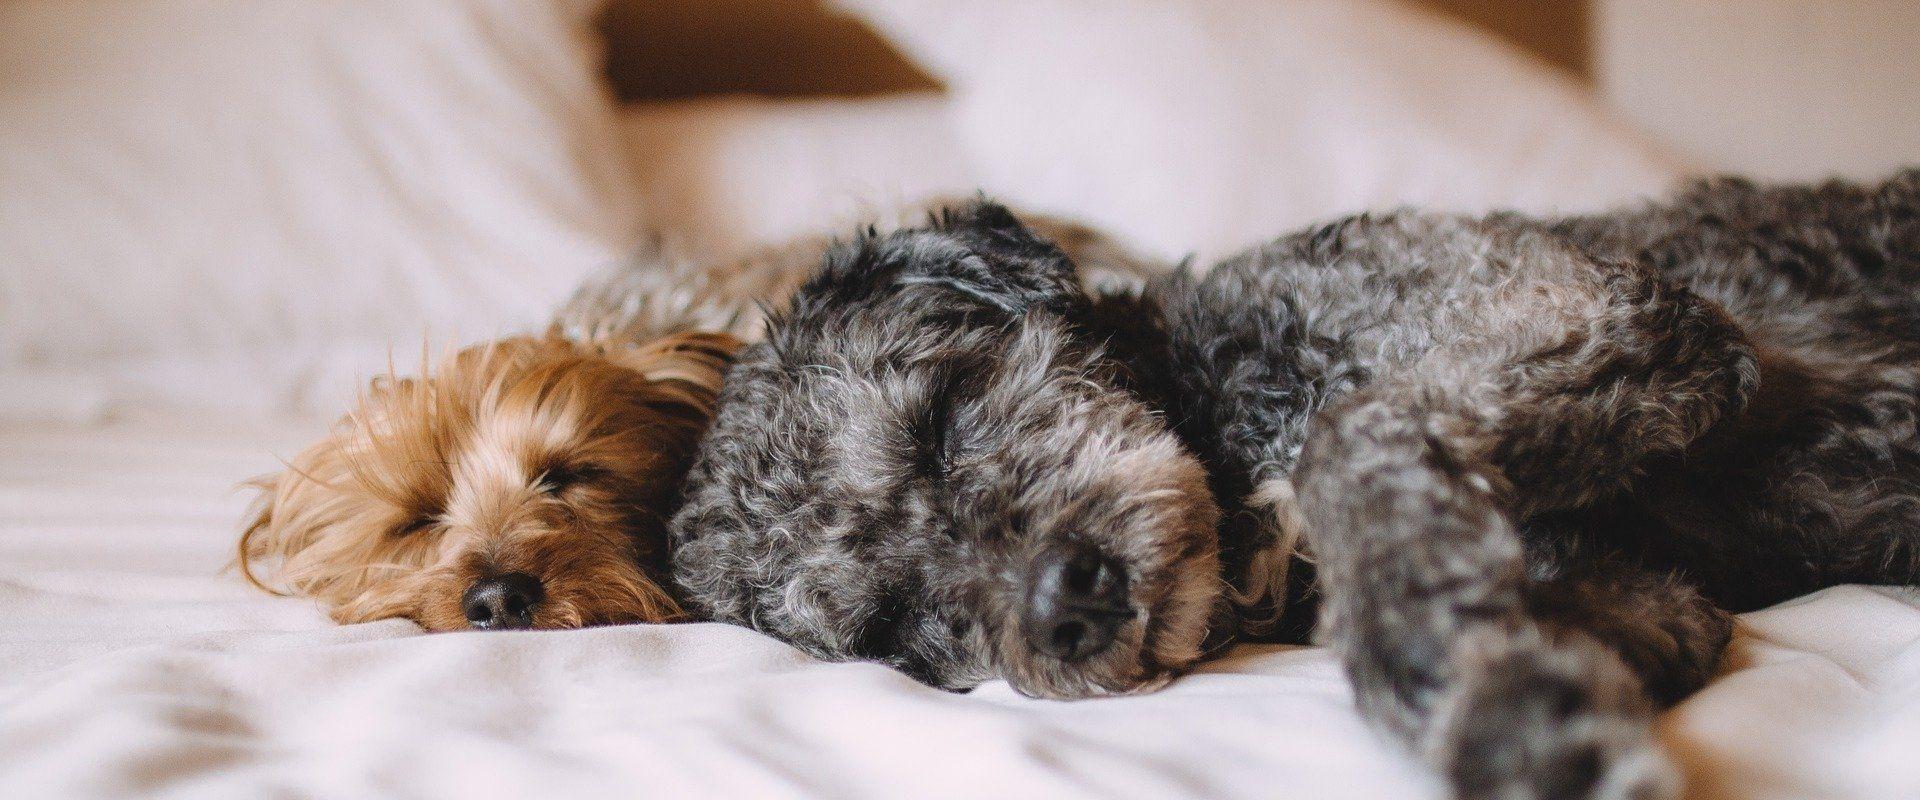 hundefreundlich hunde willkommen Maximilian Munich Apartment Hotel München